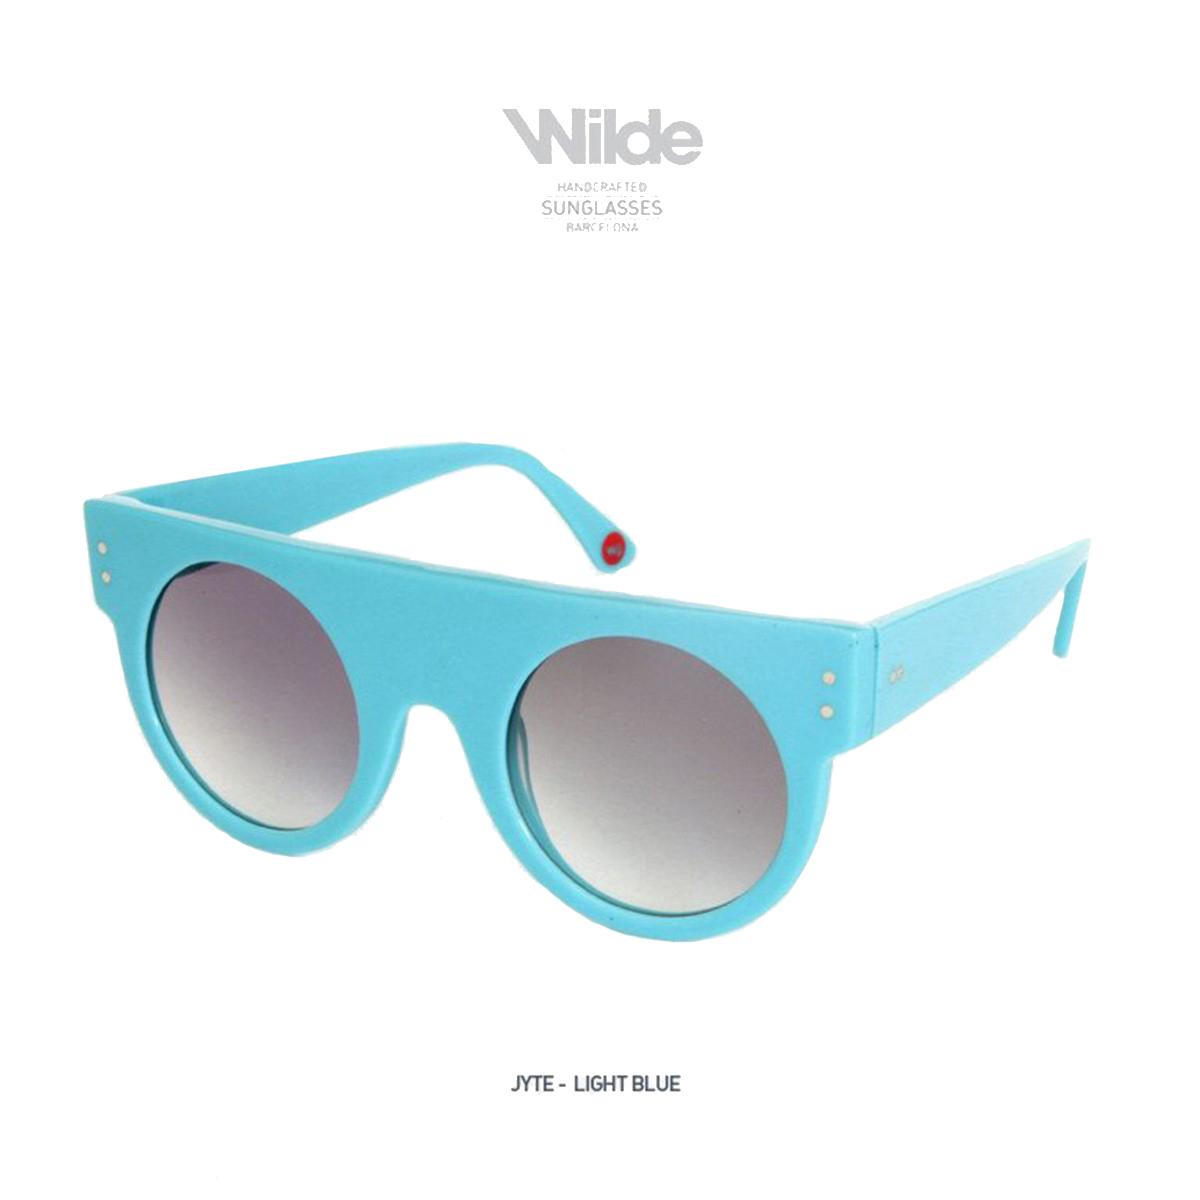 サングラス レディース メンズ Wilde SUNGLASSES ワイルドサングラス JYTE ブルー blue 送料無料